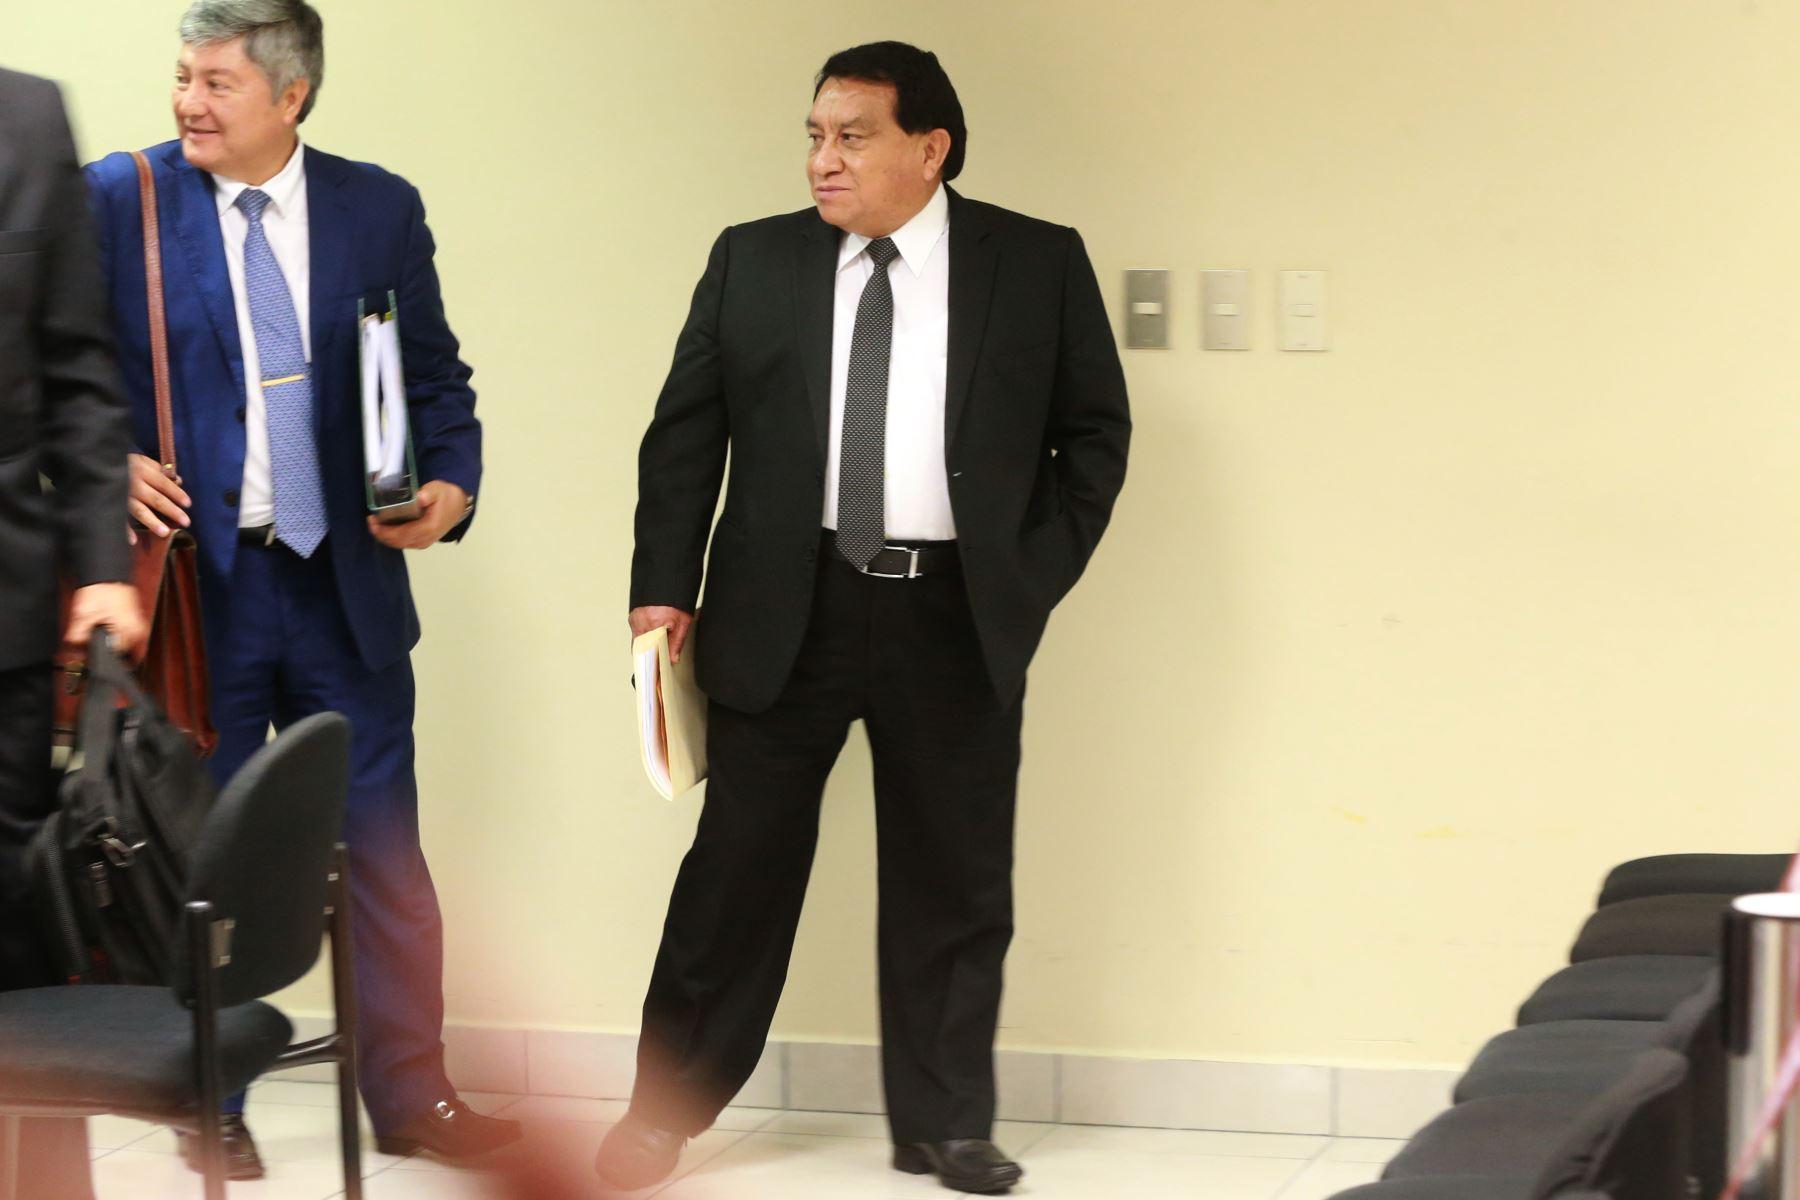 Excongresista José Luna , durante la audiencia de requerimiento de prisión preventiva por 36 meses en su contra planteado por el Ministerio Público.Foto: ANDINA/Jhony Laurente